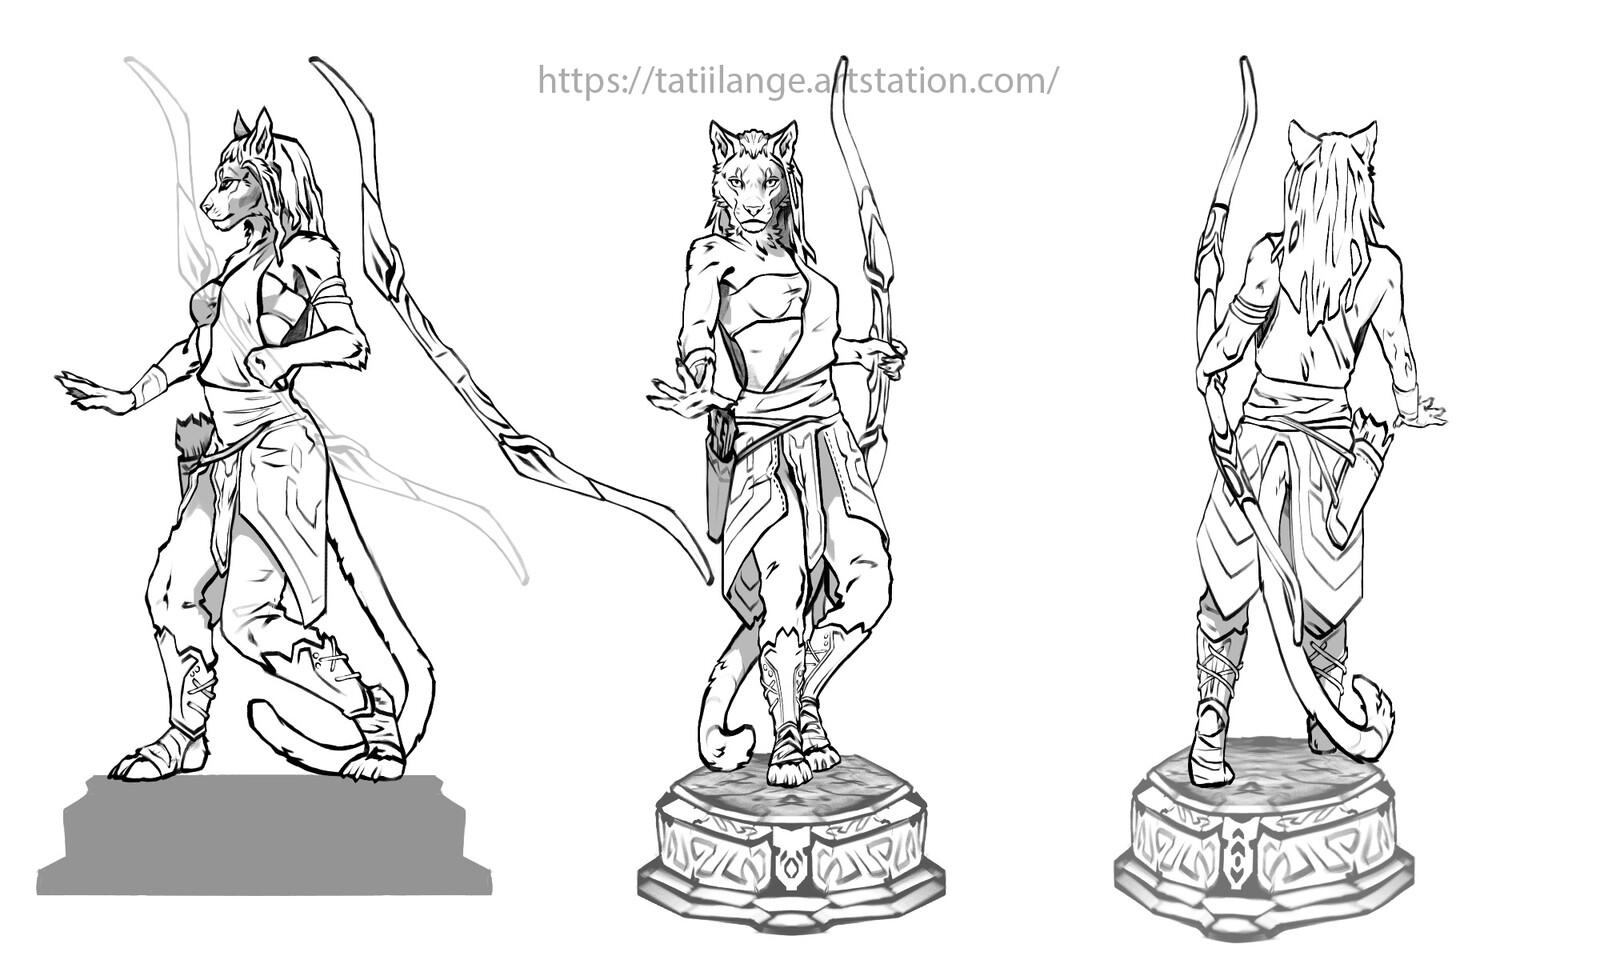 Khajiit statue turnaround